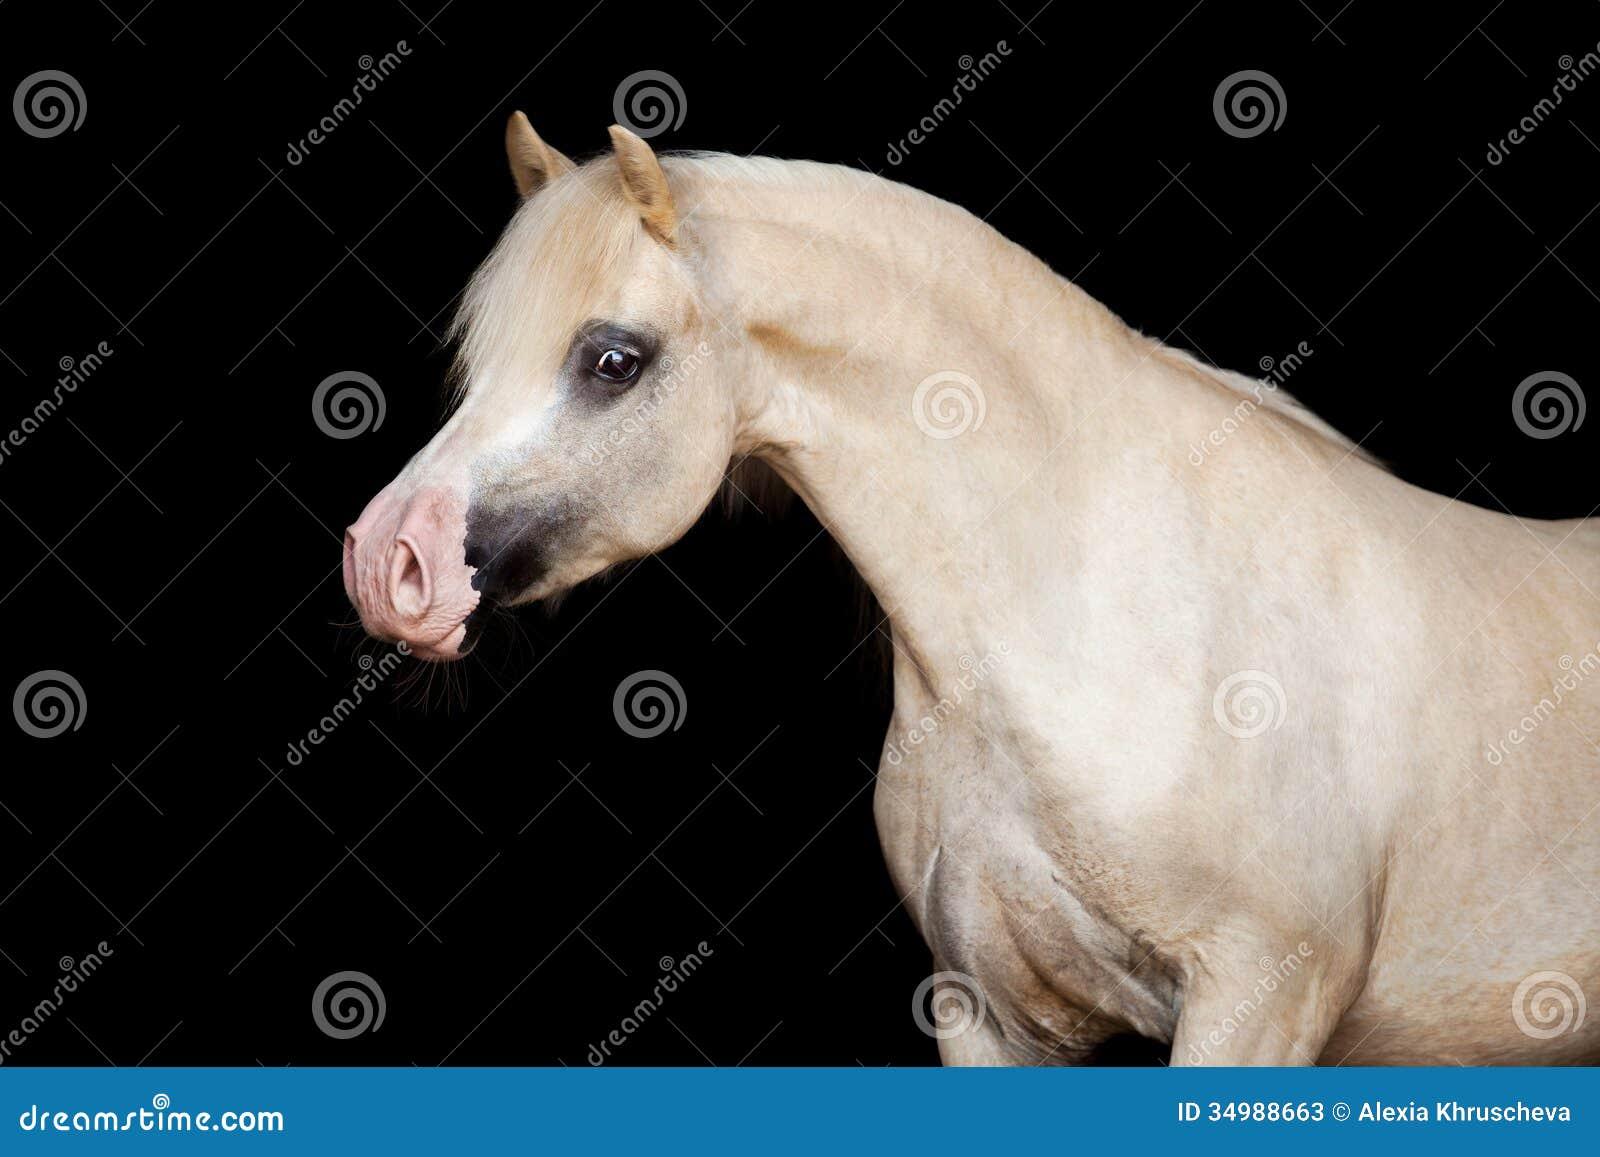 Welsh Pony Isolated On Black Stock Photos - Image: 34988663